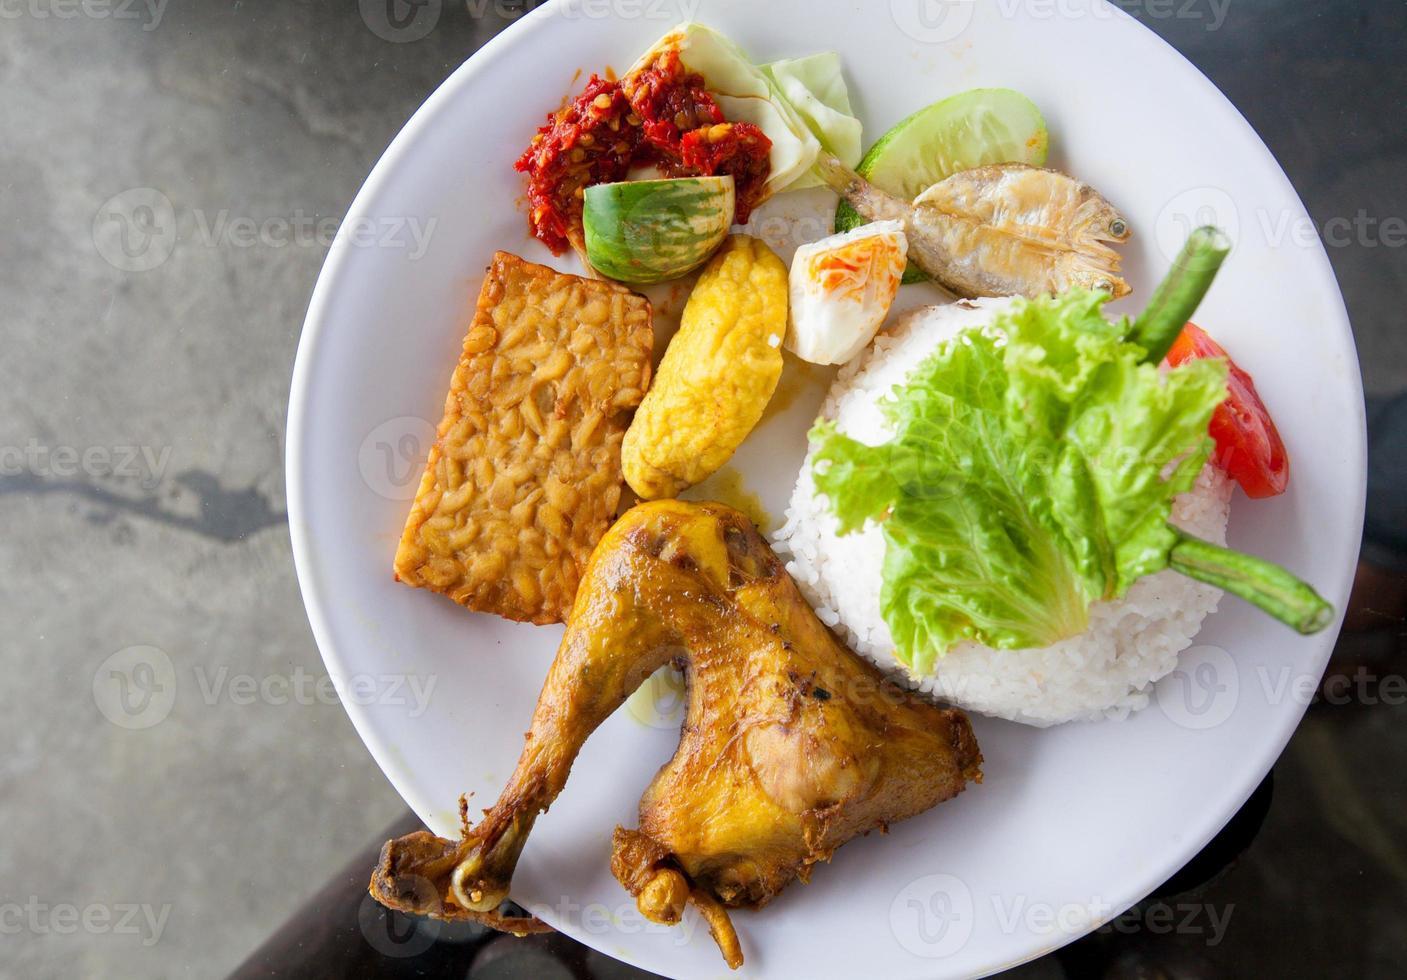 maaltijdpakket indonesisch eten gebakken rijst nasi goreng foto